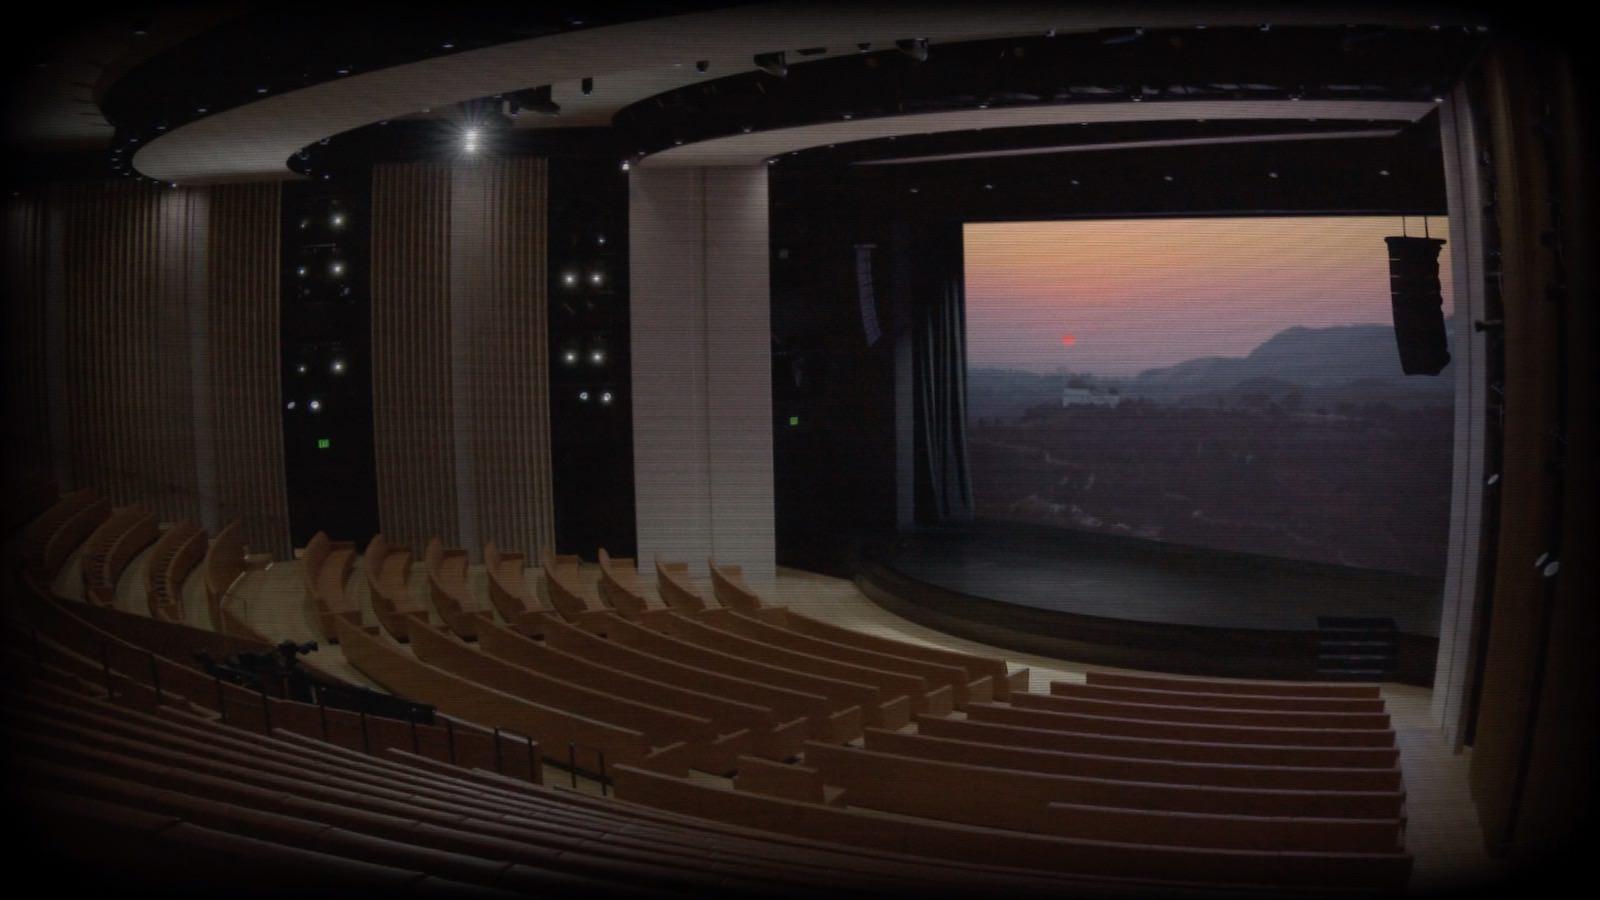 Live-Streaming-of-Steve-Jobs-Theater-2.jpg